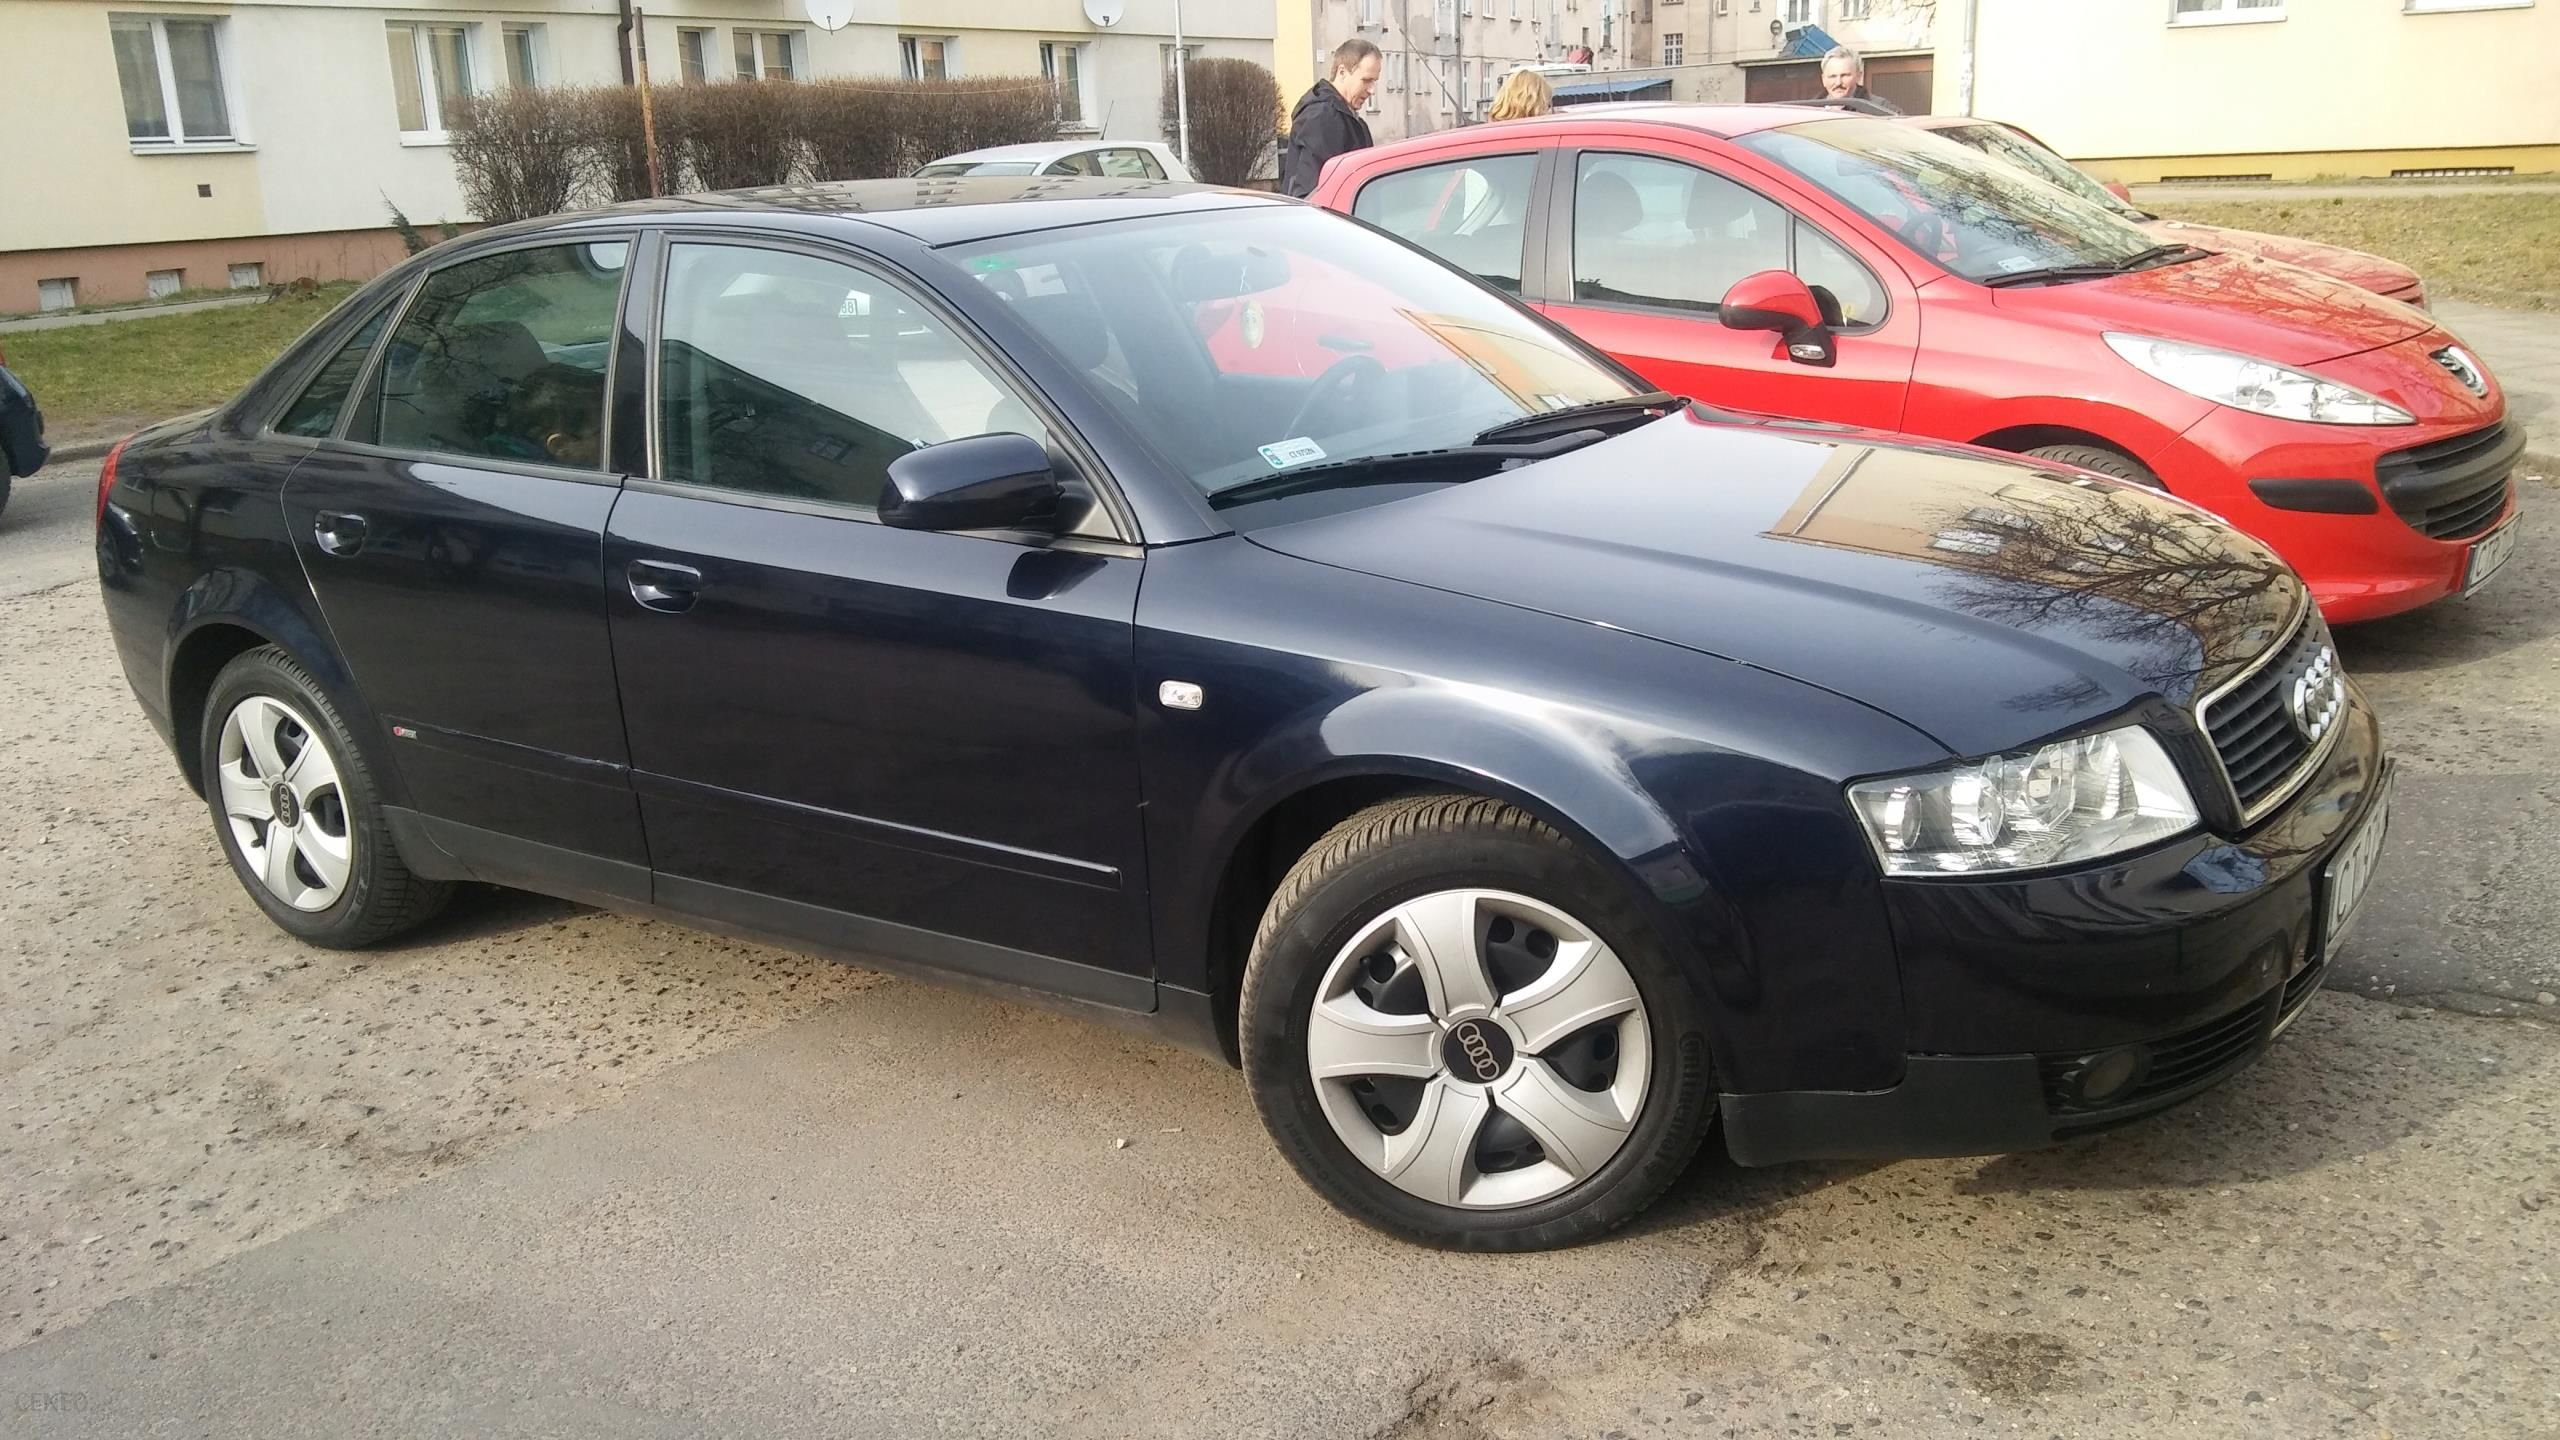 Audi A4 B6 20 Alt Jedyna W Takim Stanie Opinie I Ceny Na Ceneopl